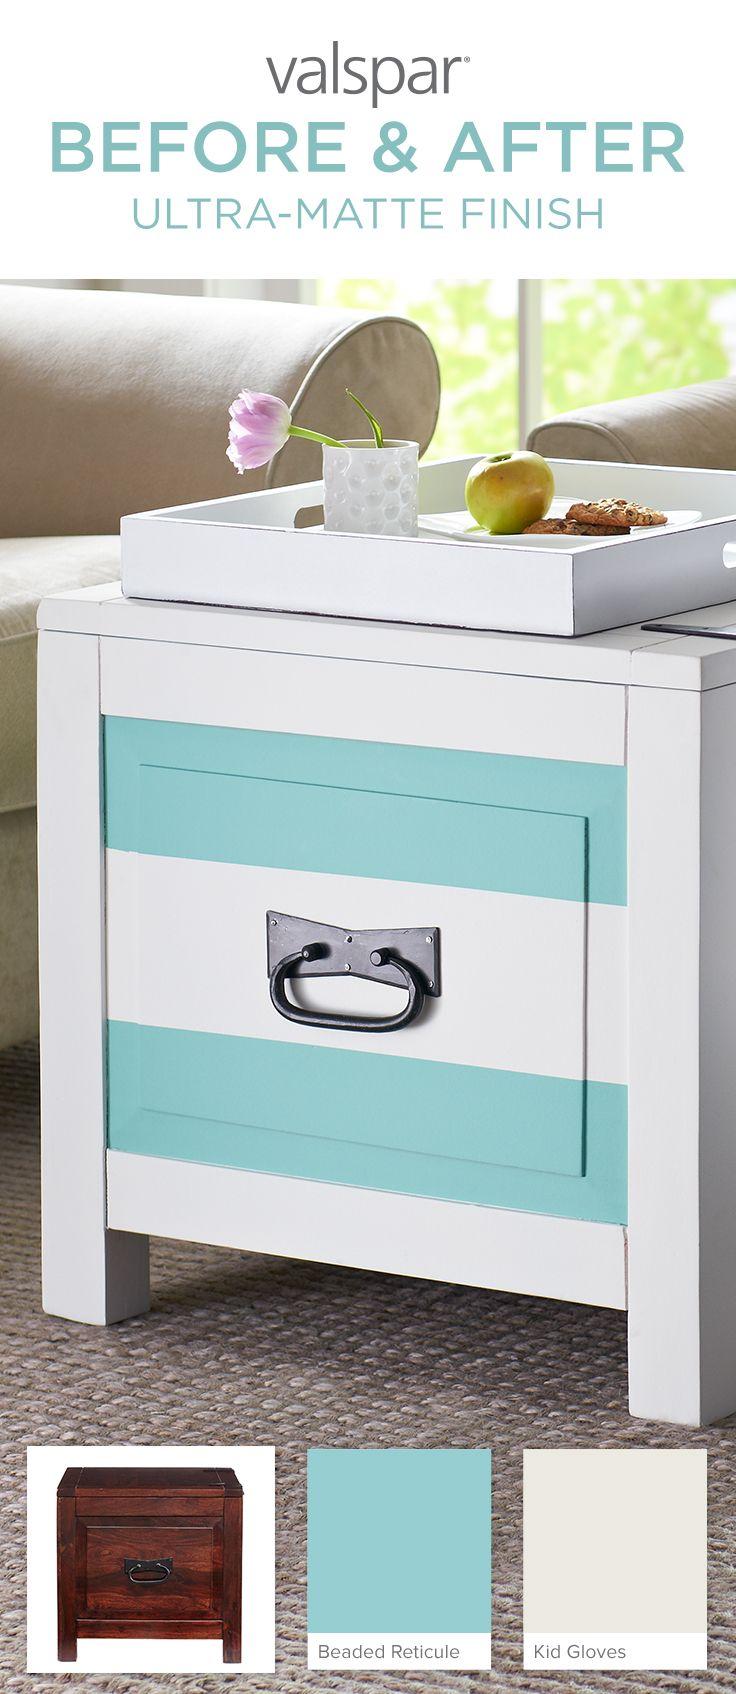 Best 25 Valspar Colors Ideas On Pinterest Valspar Blue Rustoleum Paint Colors And Valspar